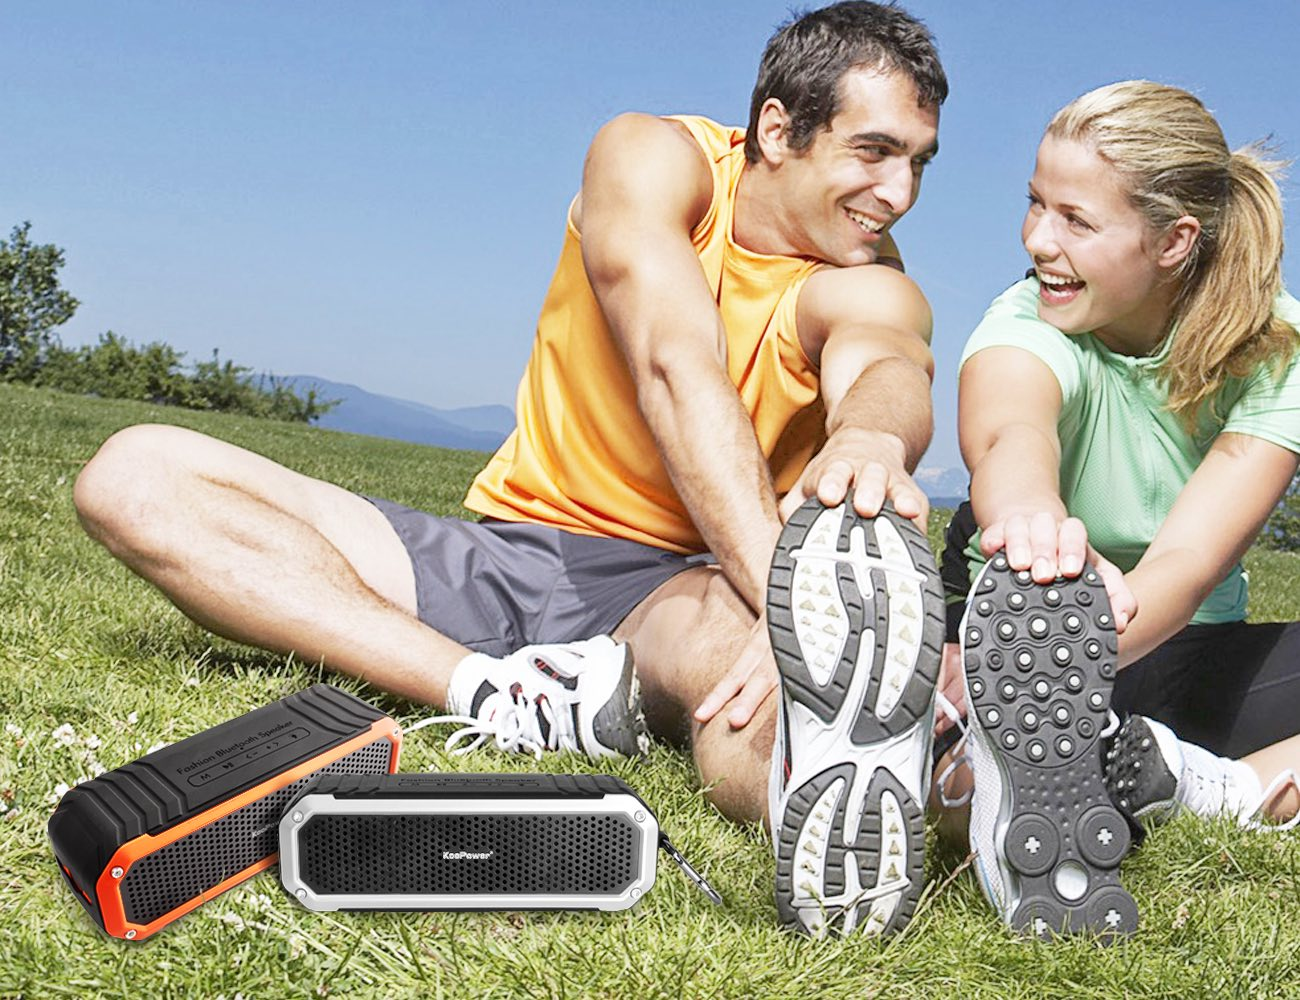 koopower-waterpeoof-wireless-bluetooth-speaker-4